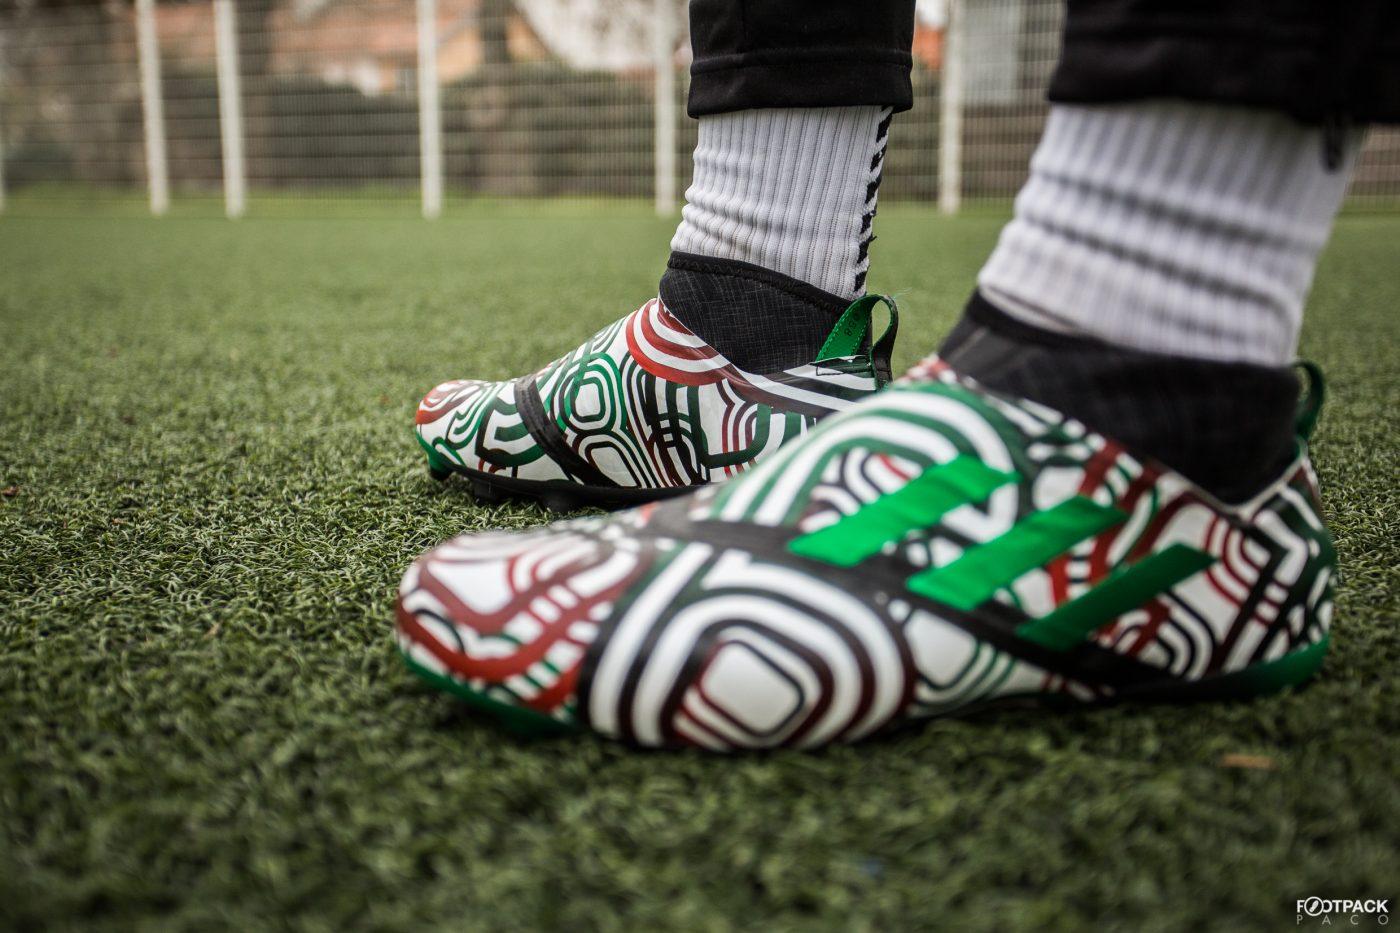 adidas-glitch-number-skin-numberskin-footpack-2